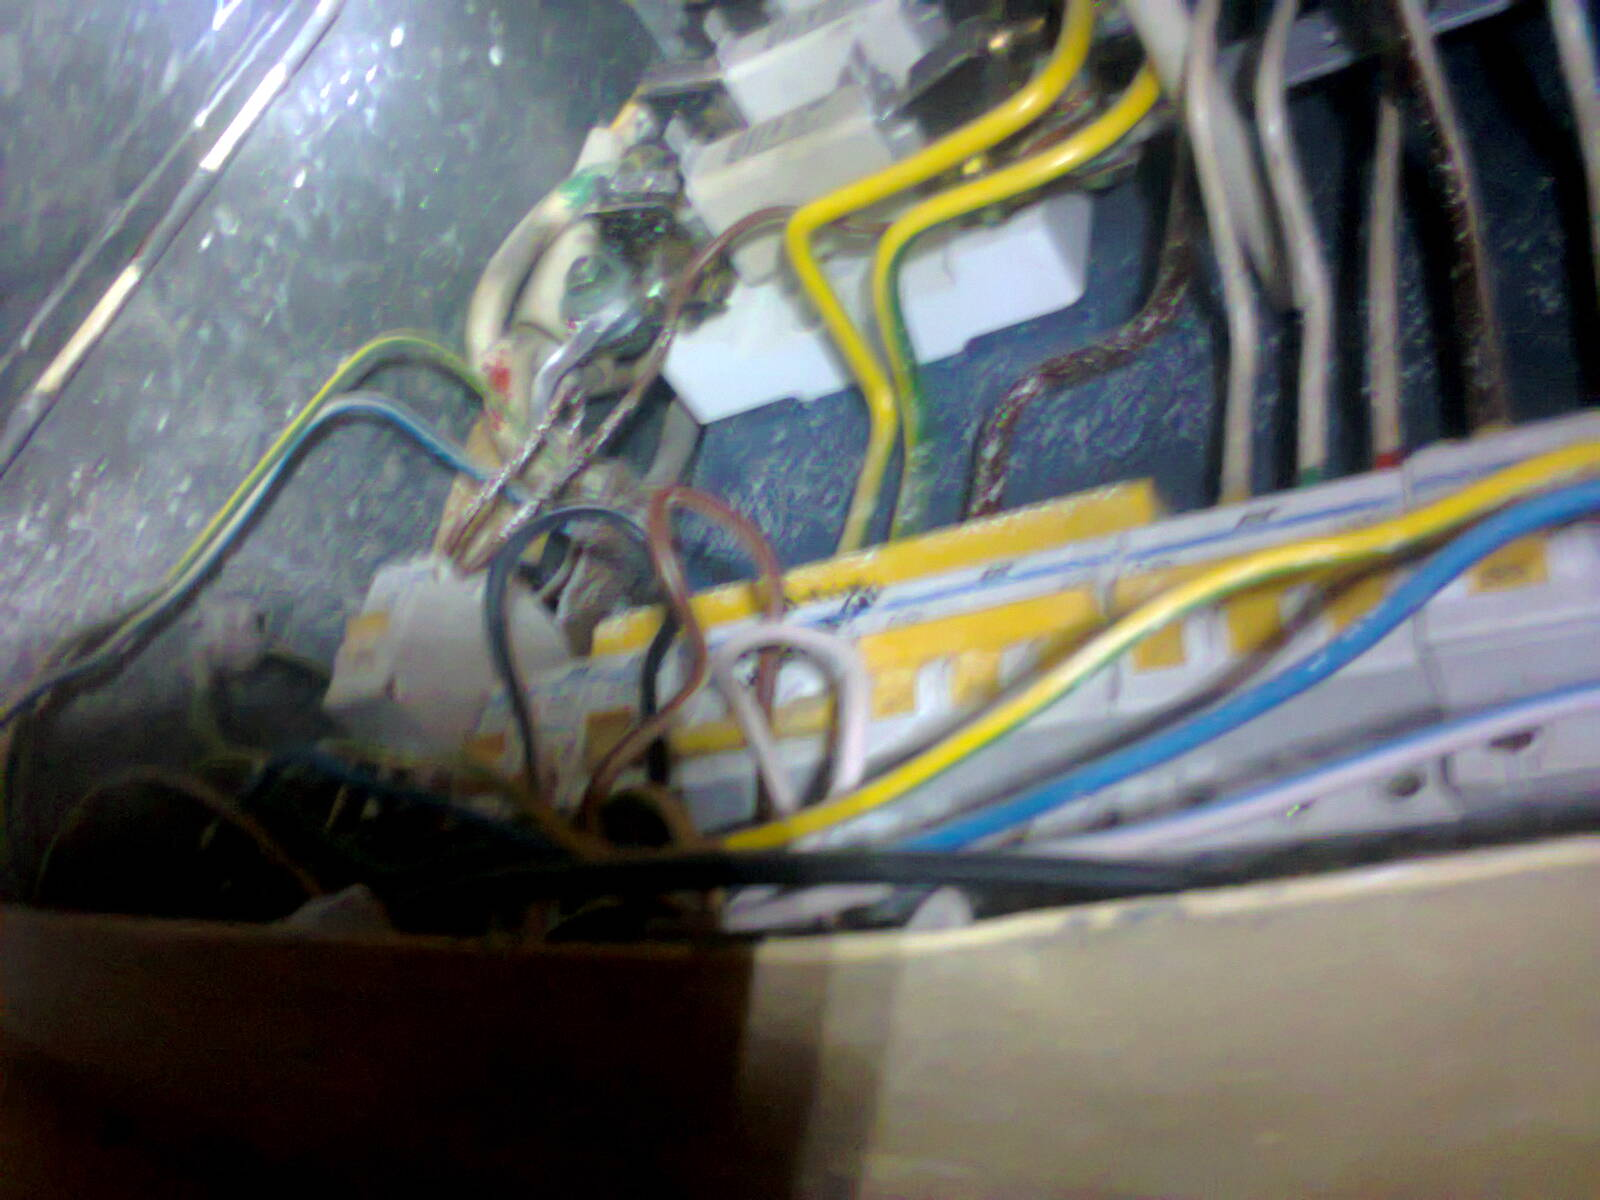 Срочный вызов электрика аварийной службы по поводу отсутствия электричества в кафе